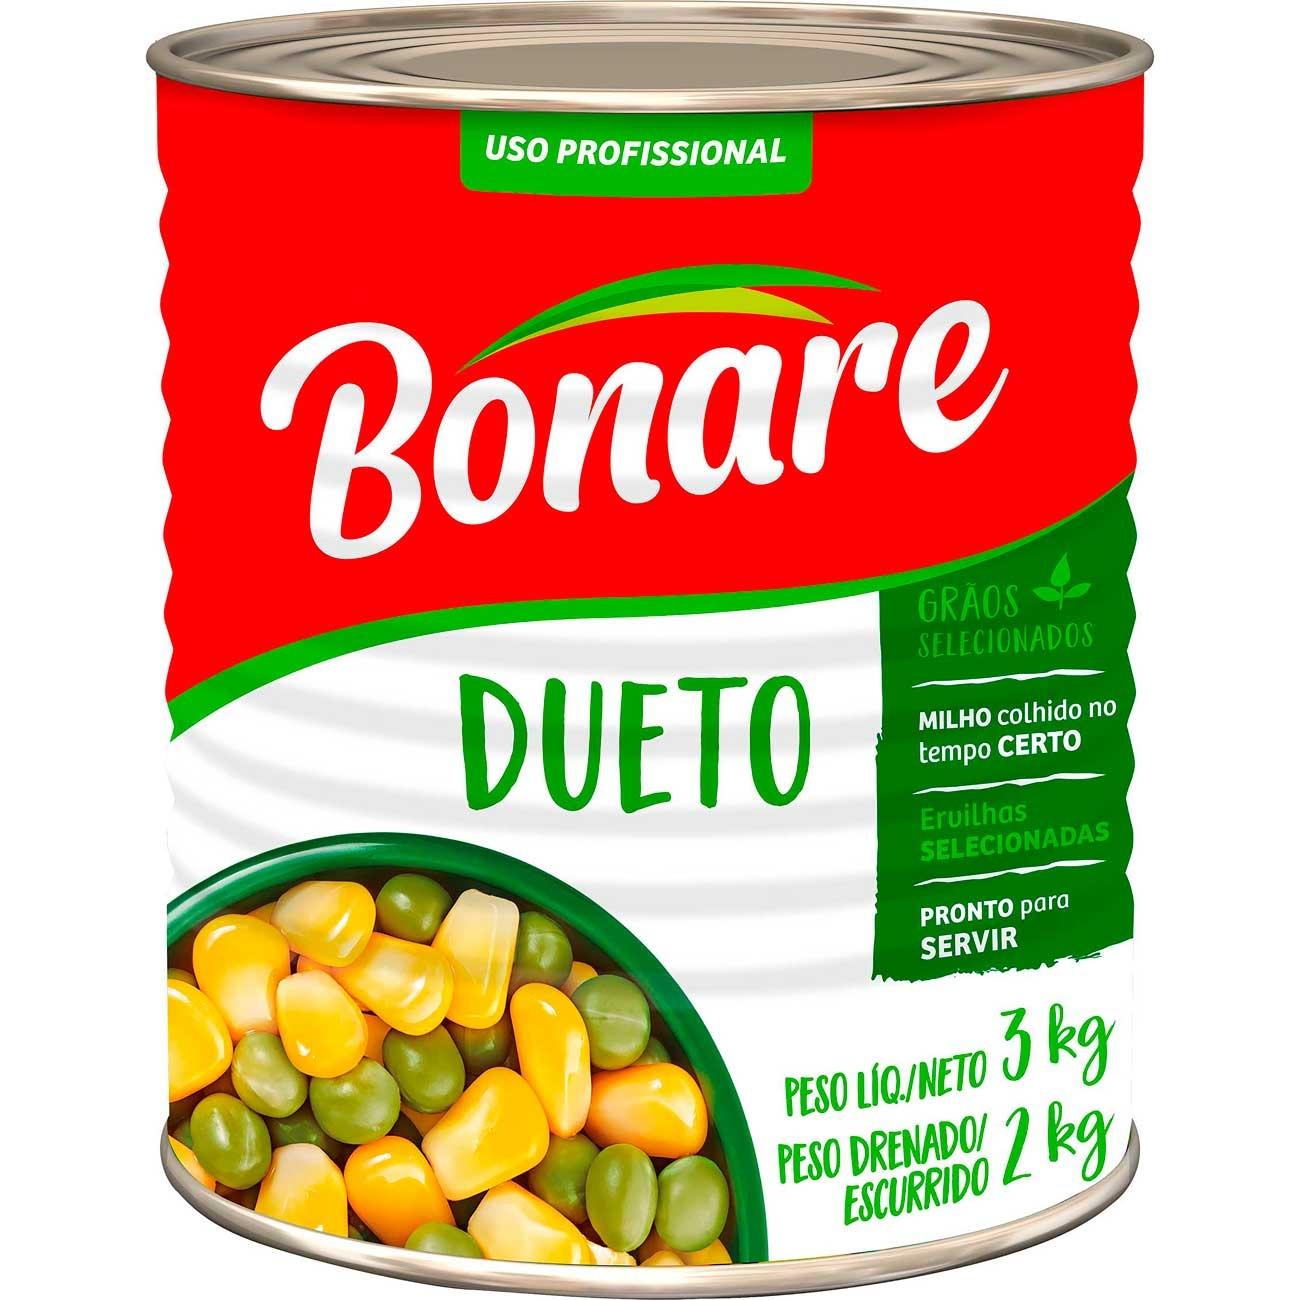 Dueto Bonare Ervilha/Milho Lata 2kg